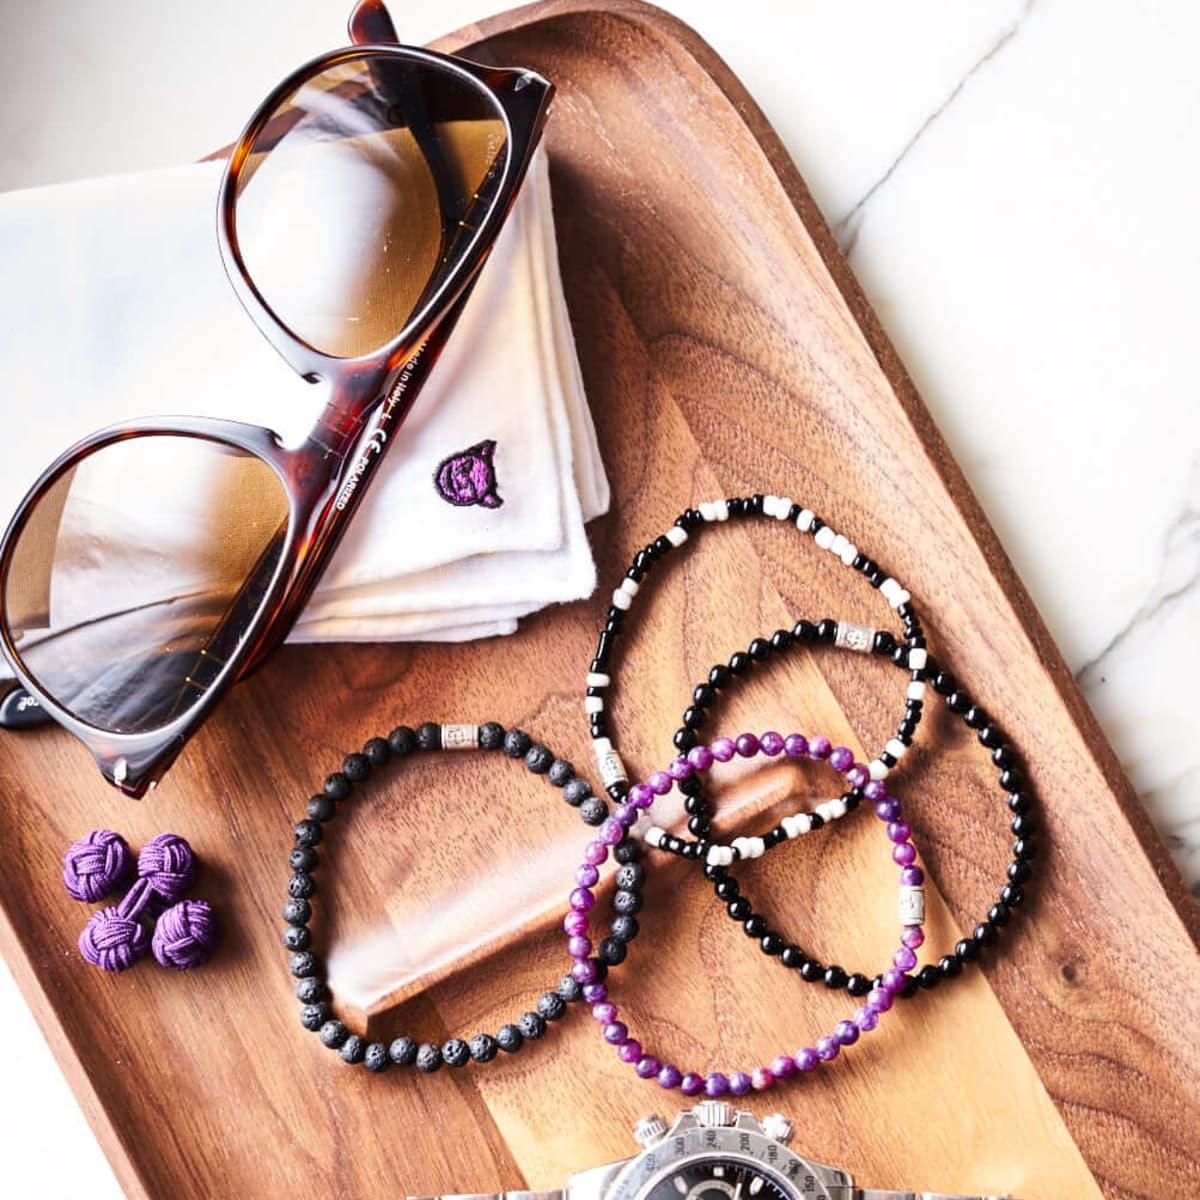 josh madans, accessories